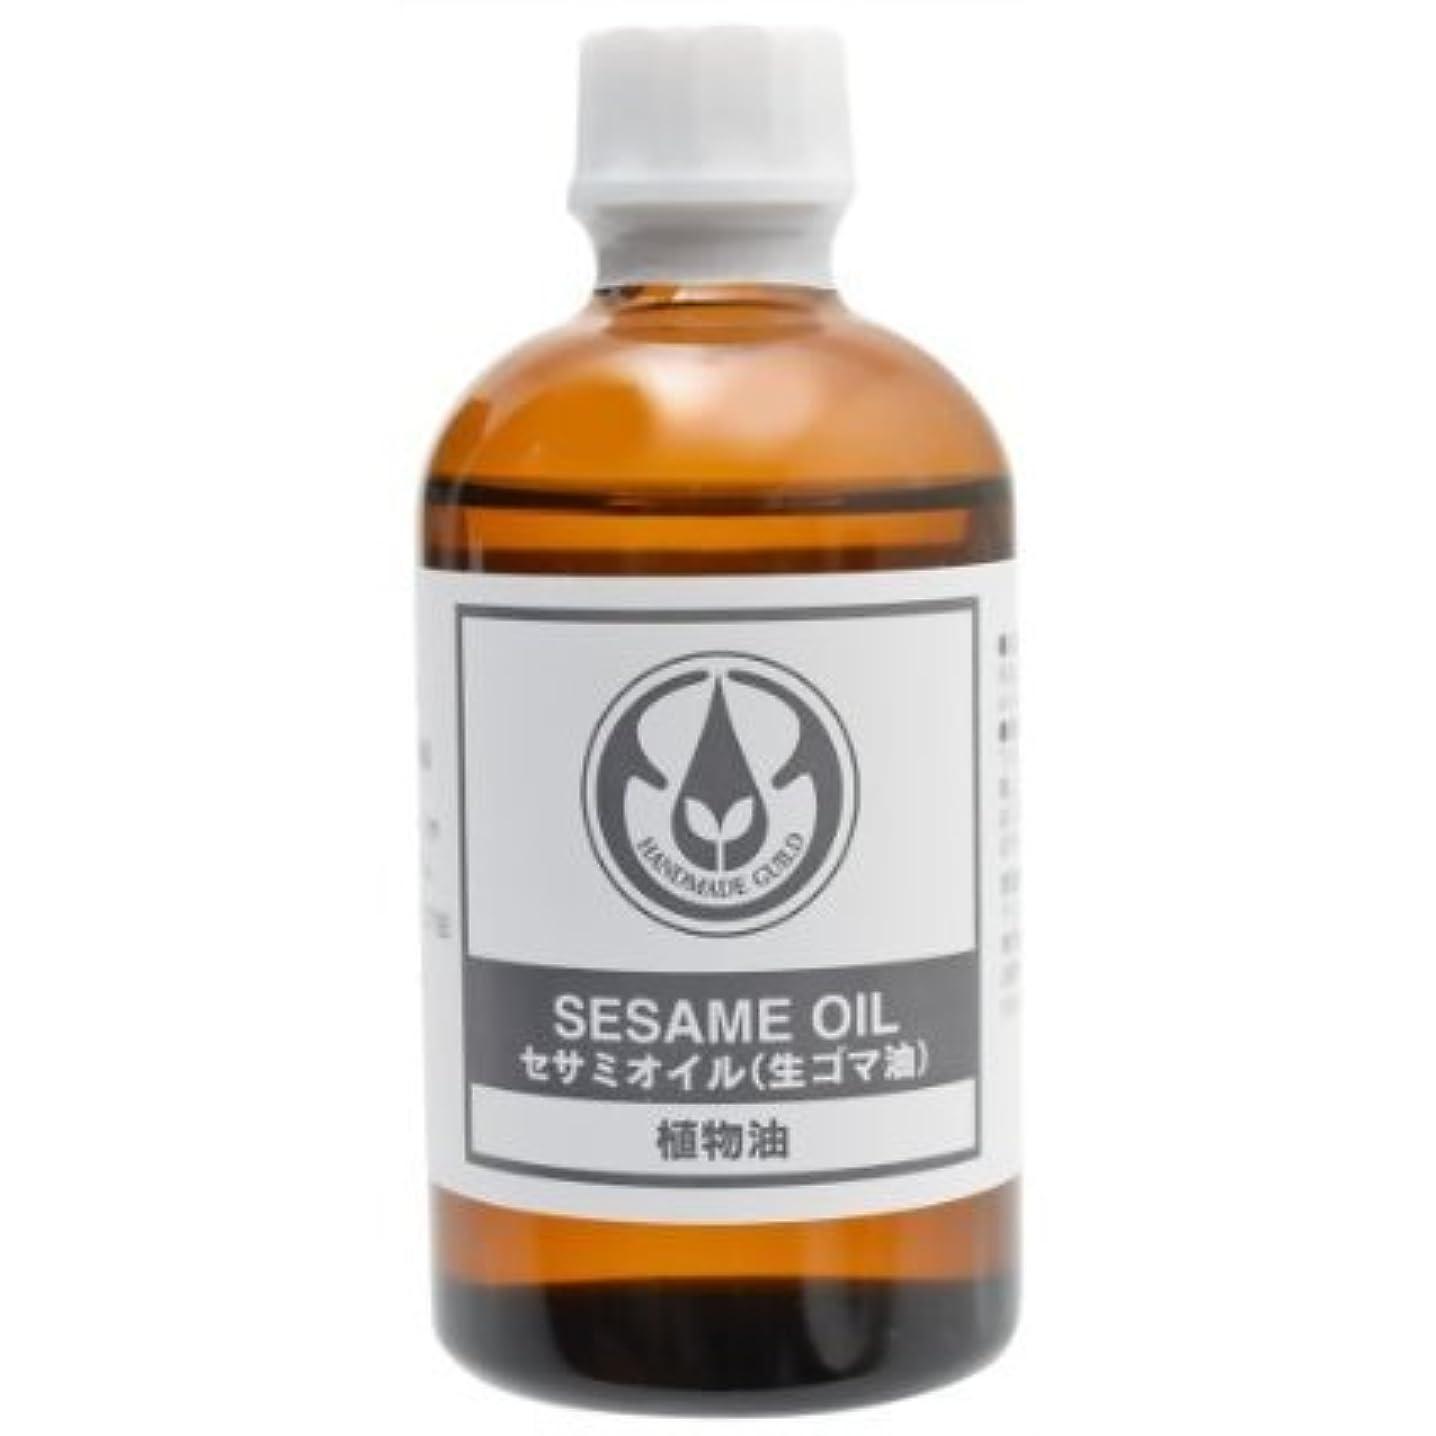 酒スペシャリスト思春期の生活の木 セサミオイル(生ごま油) 100ml 2本セット